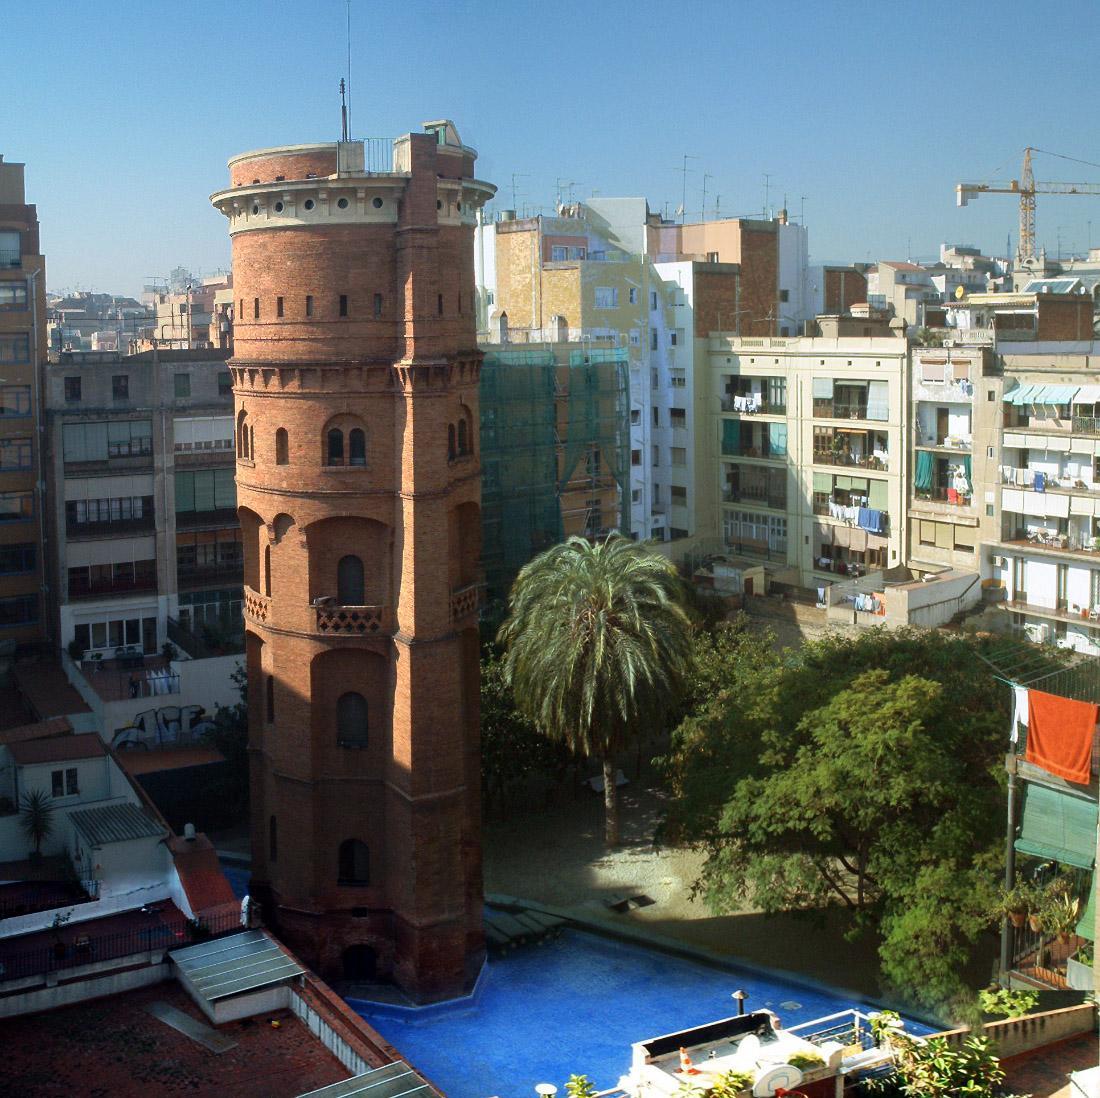 jardins de la torre de les aigues pool barcelona